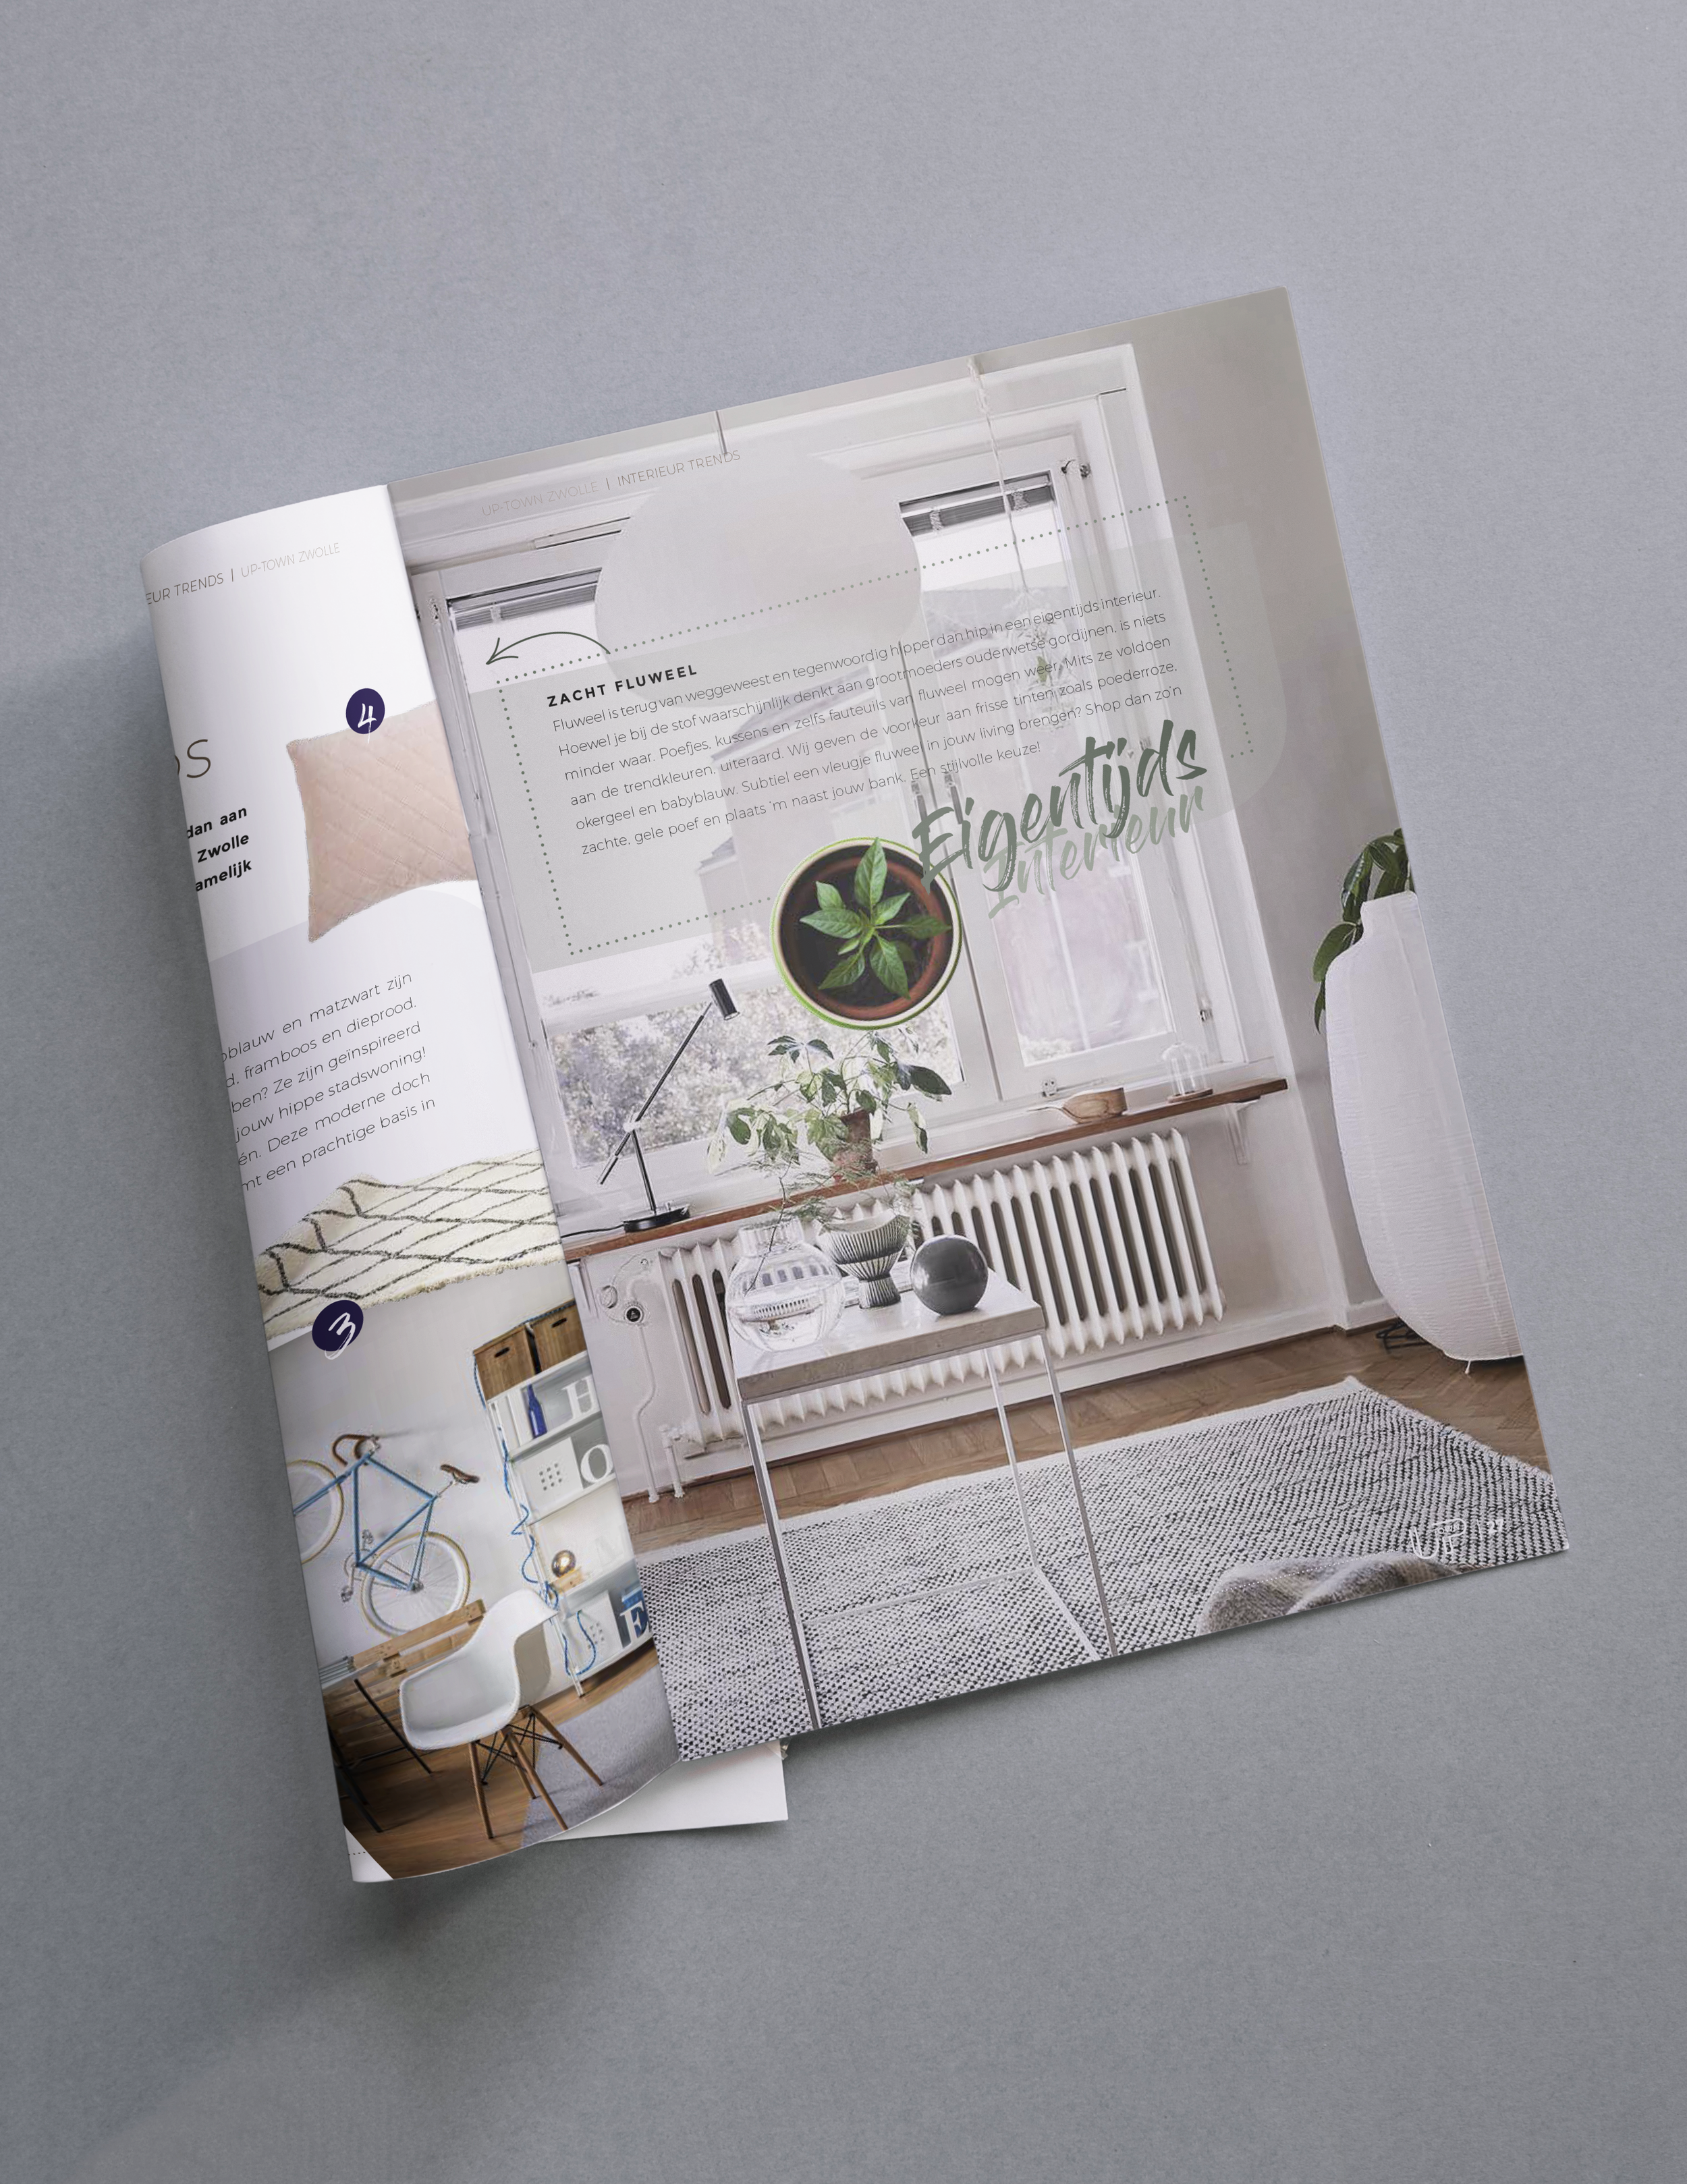 Up-Town Zwolle    Voor vastgoedproject Up-Town Zwolle produceerde ik een stijlvol verkoopmagazine en nam ik daarbij de complete (beeld)redactie voor mijn rekening. Van het beschrijven van alle 76 woningen tot het uitlichten van interieurstijlen, trends en hotspots.